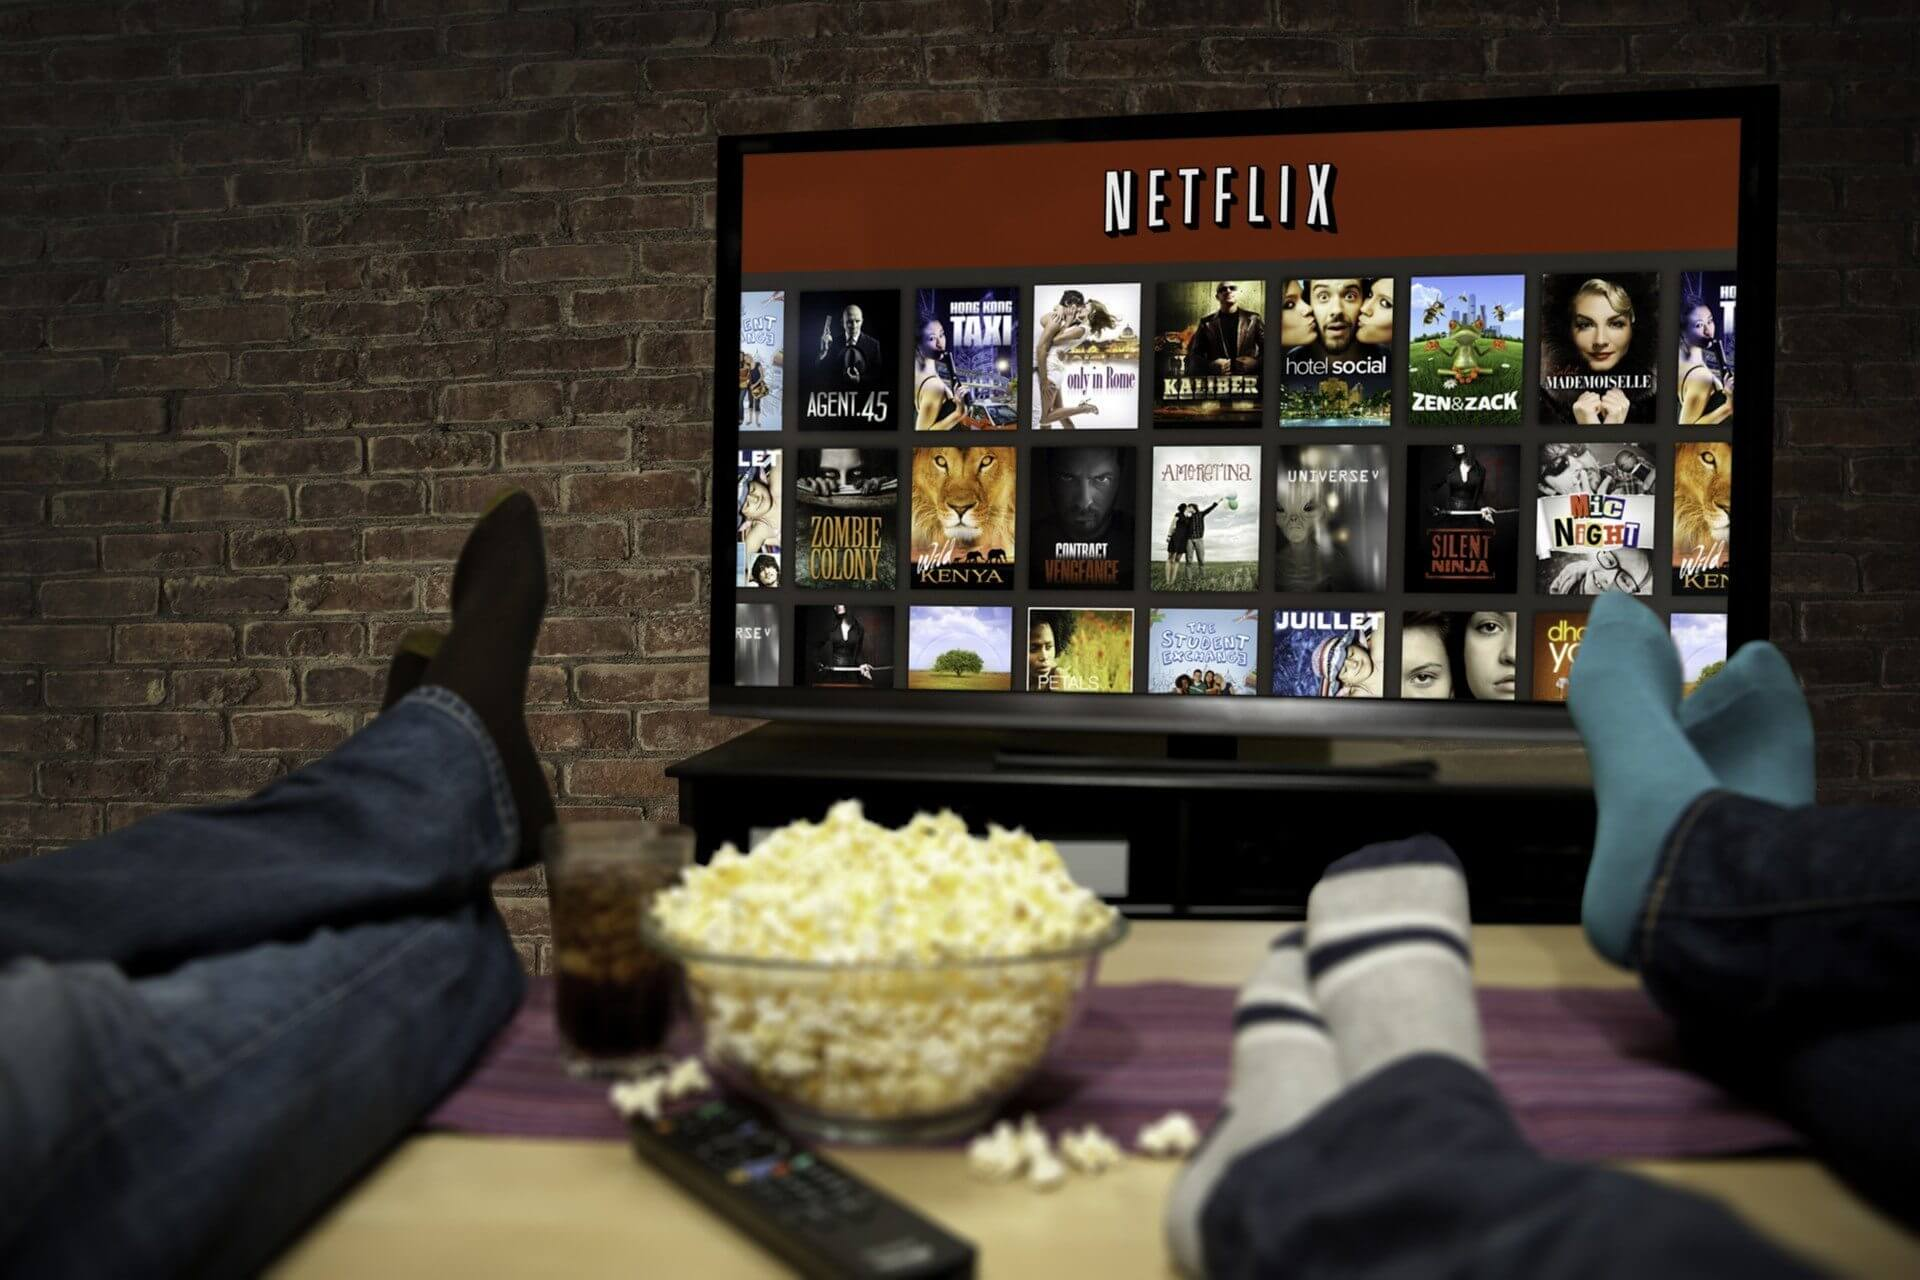 maio novidades netflix - Maio será um mês de muitas novidades (e despedidas) na Netflix